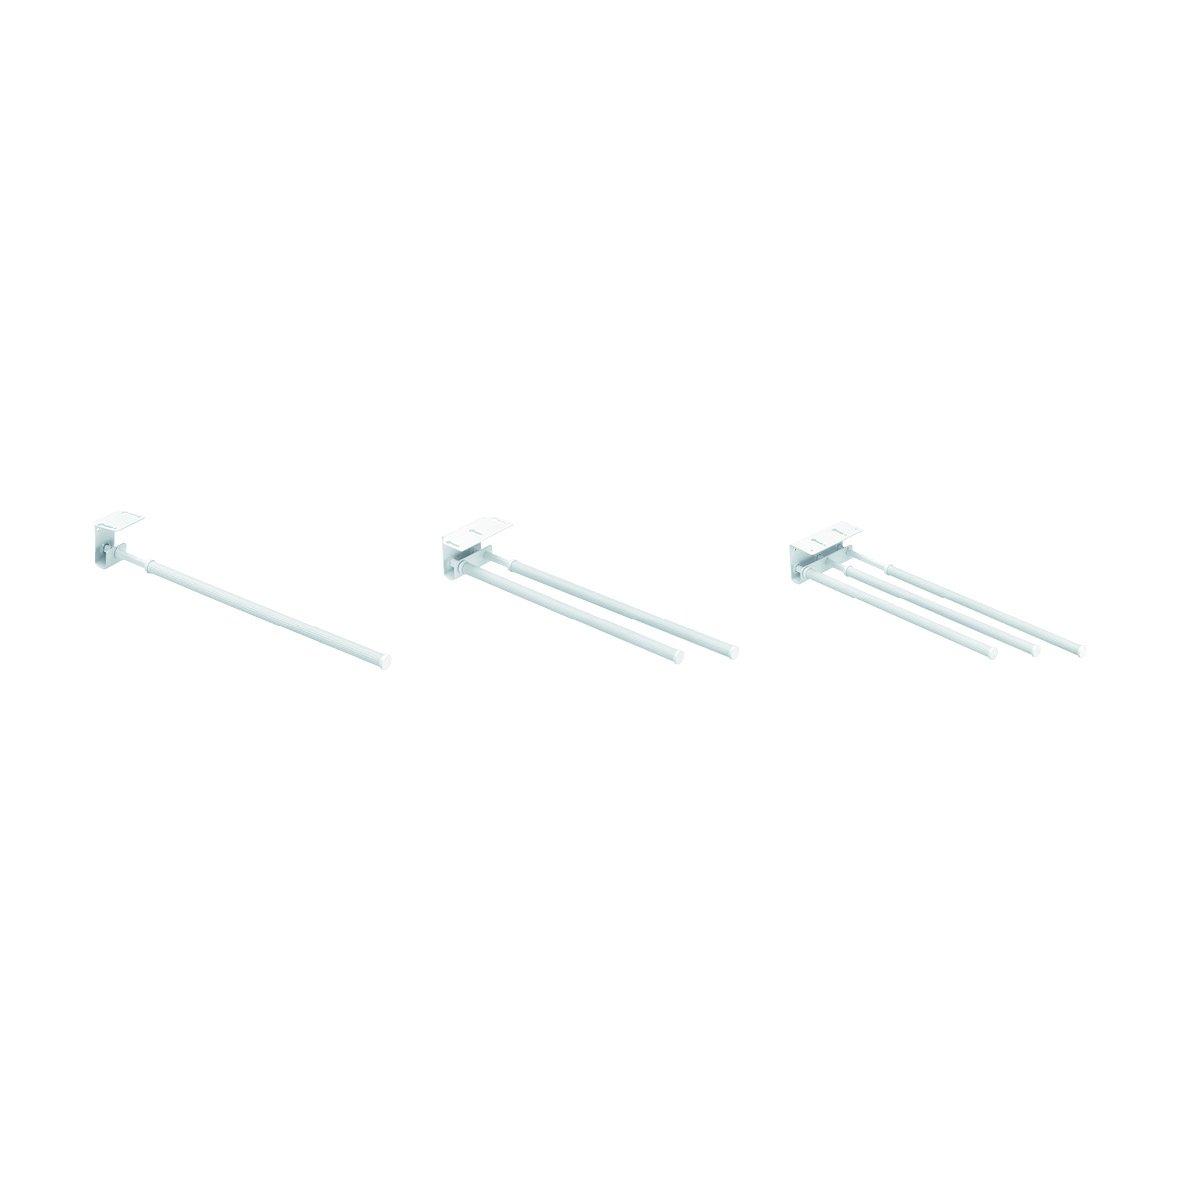 11 x 7 x 43-77 cm Toallero telesc/ópico extensible de metal y pl/ástico color blanco Wenko 18569100 Duo Basic